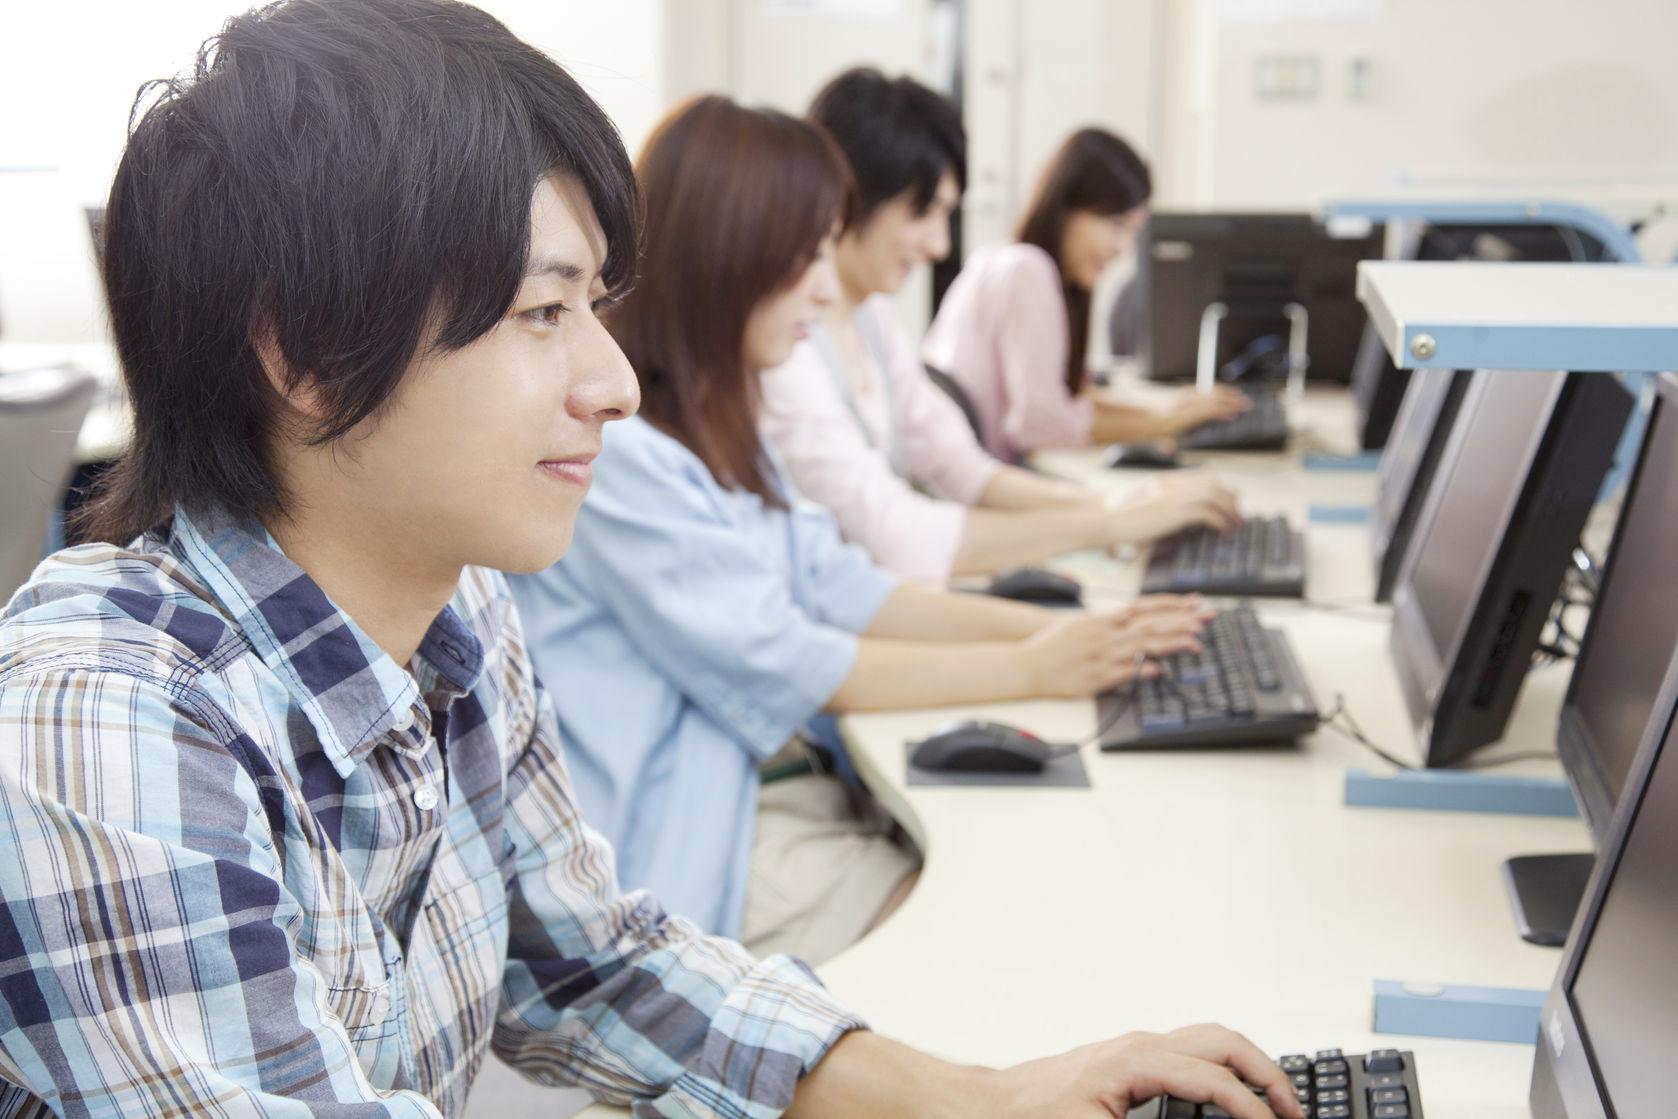 學校客製自己的需求 量身訂做 校內初選辦法 大考的系統最Smart!校內選填全掌握